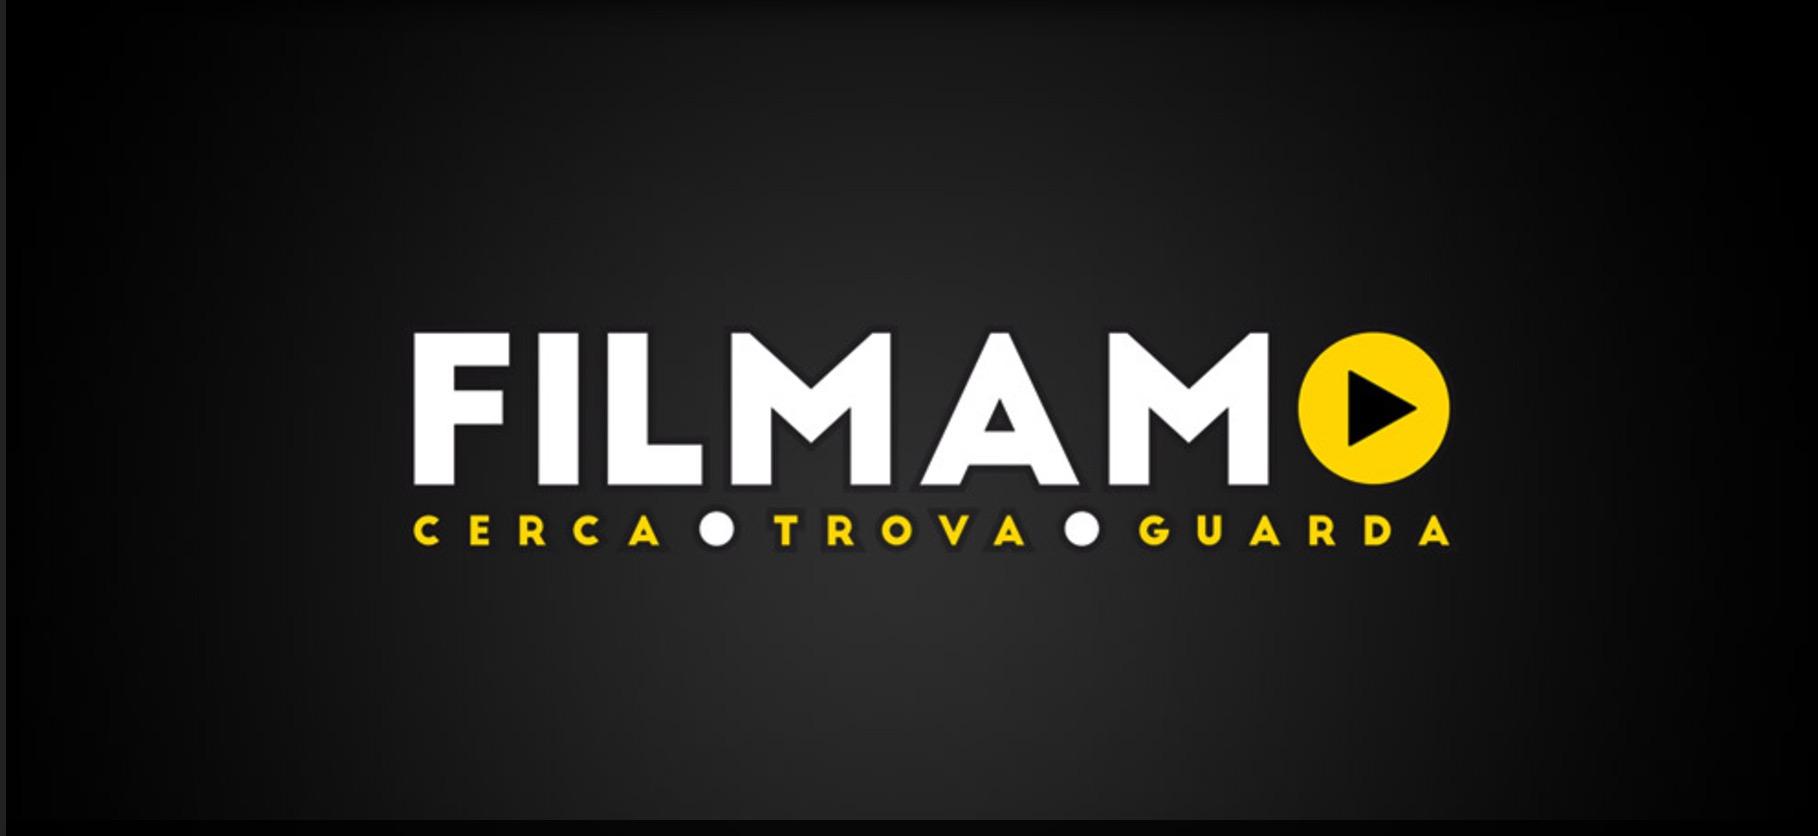 E' nato FILMAMO, il portale che consente di trovare in modo semplice qualunque film o serie TV disponibile sulle piattaforme di streaming legali